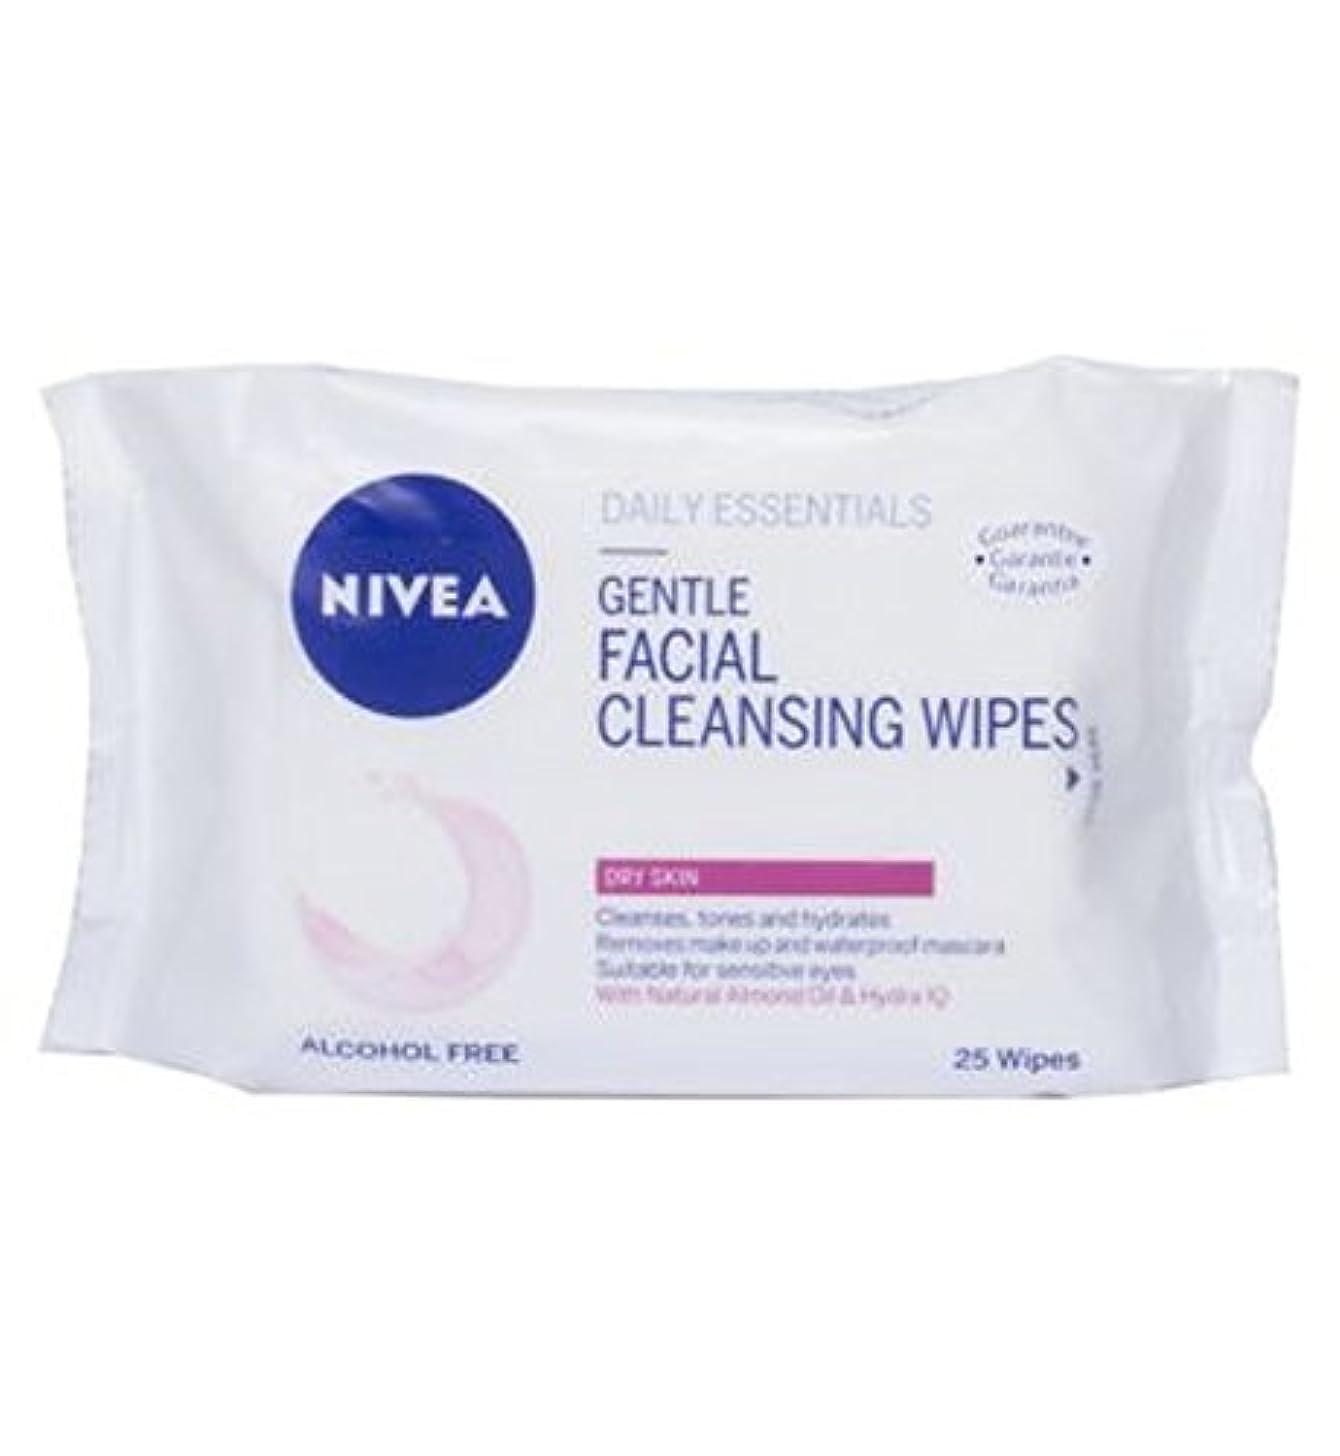 ニベア生活必需品優しい洗顔は乾燥肌の25S用のワイプ (Nivea) (x2) - Nivea Daily Essentials Gentle Facial Cleansing Wipes For Dry Skin 25s...